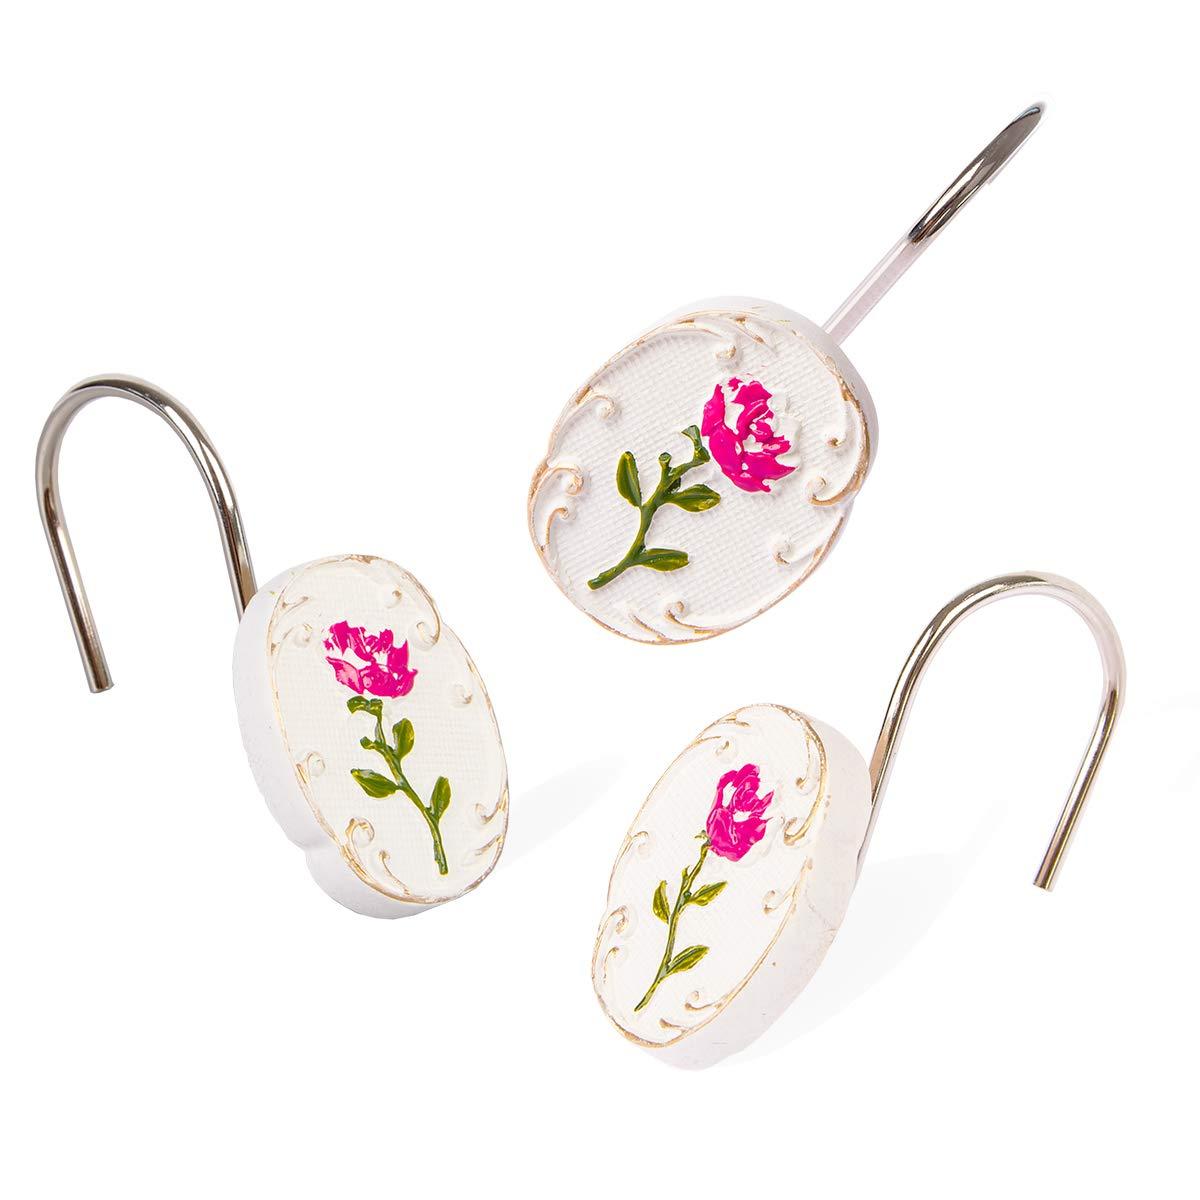 Dimaka Shower Curtain Hooks, Rose Flower Elegant Design Hooks 12 PCS Decorative Rust Proof Resin Stainless White Shower Hooks Rings for Bathroom,Bedroom,Baby Room Decor (Rose)